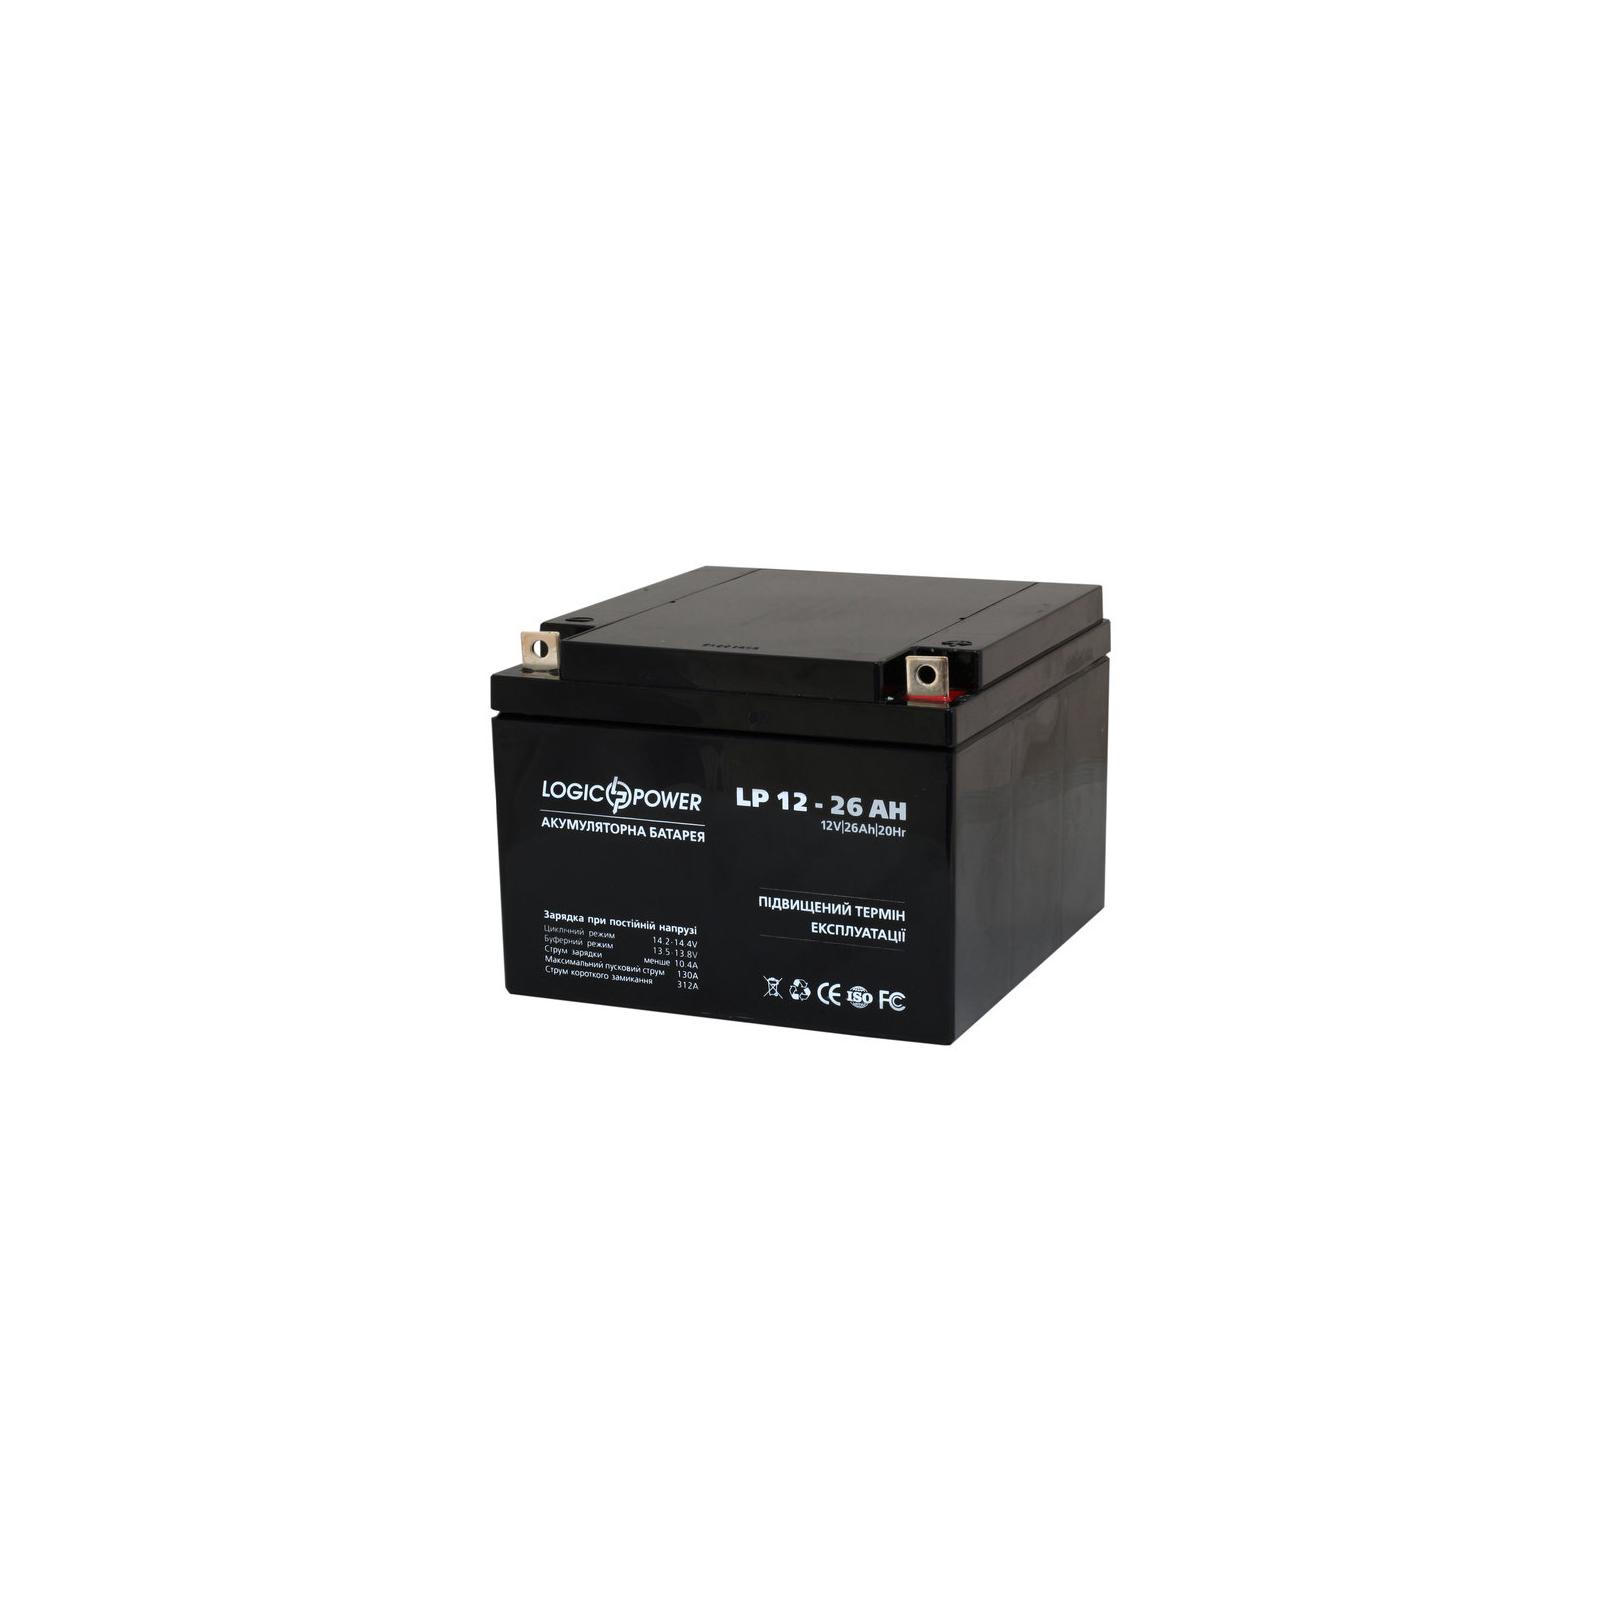 Батарея к ИБП LogicPower 12В 26 Ач (2676) изображение 2